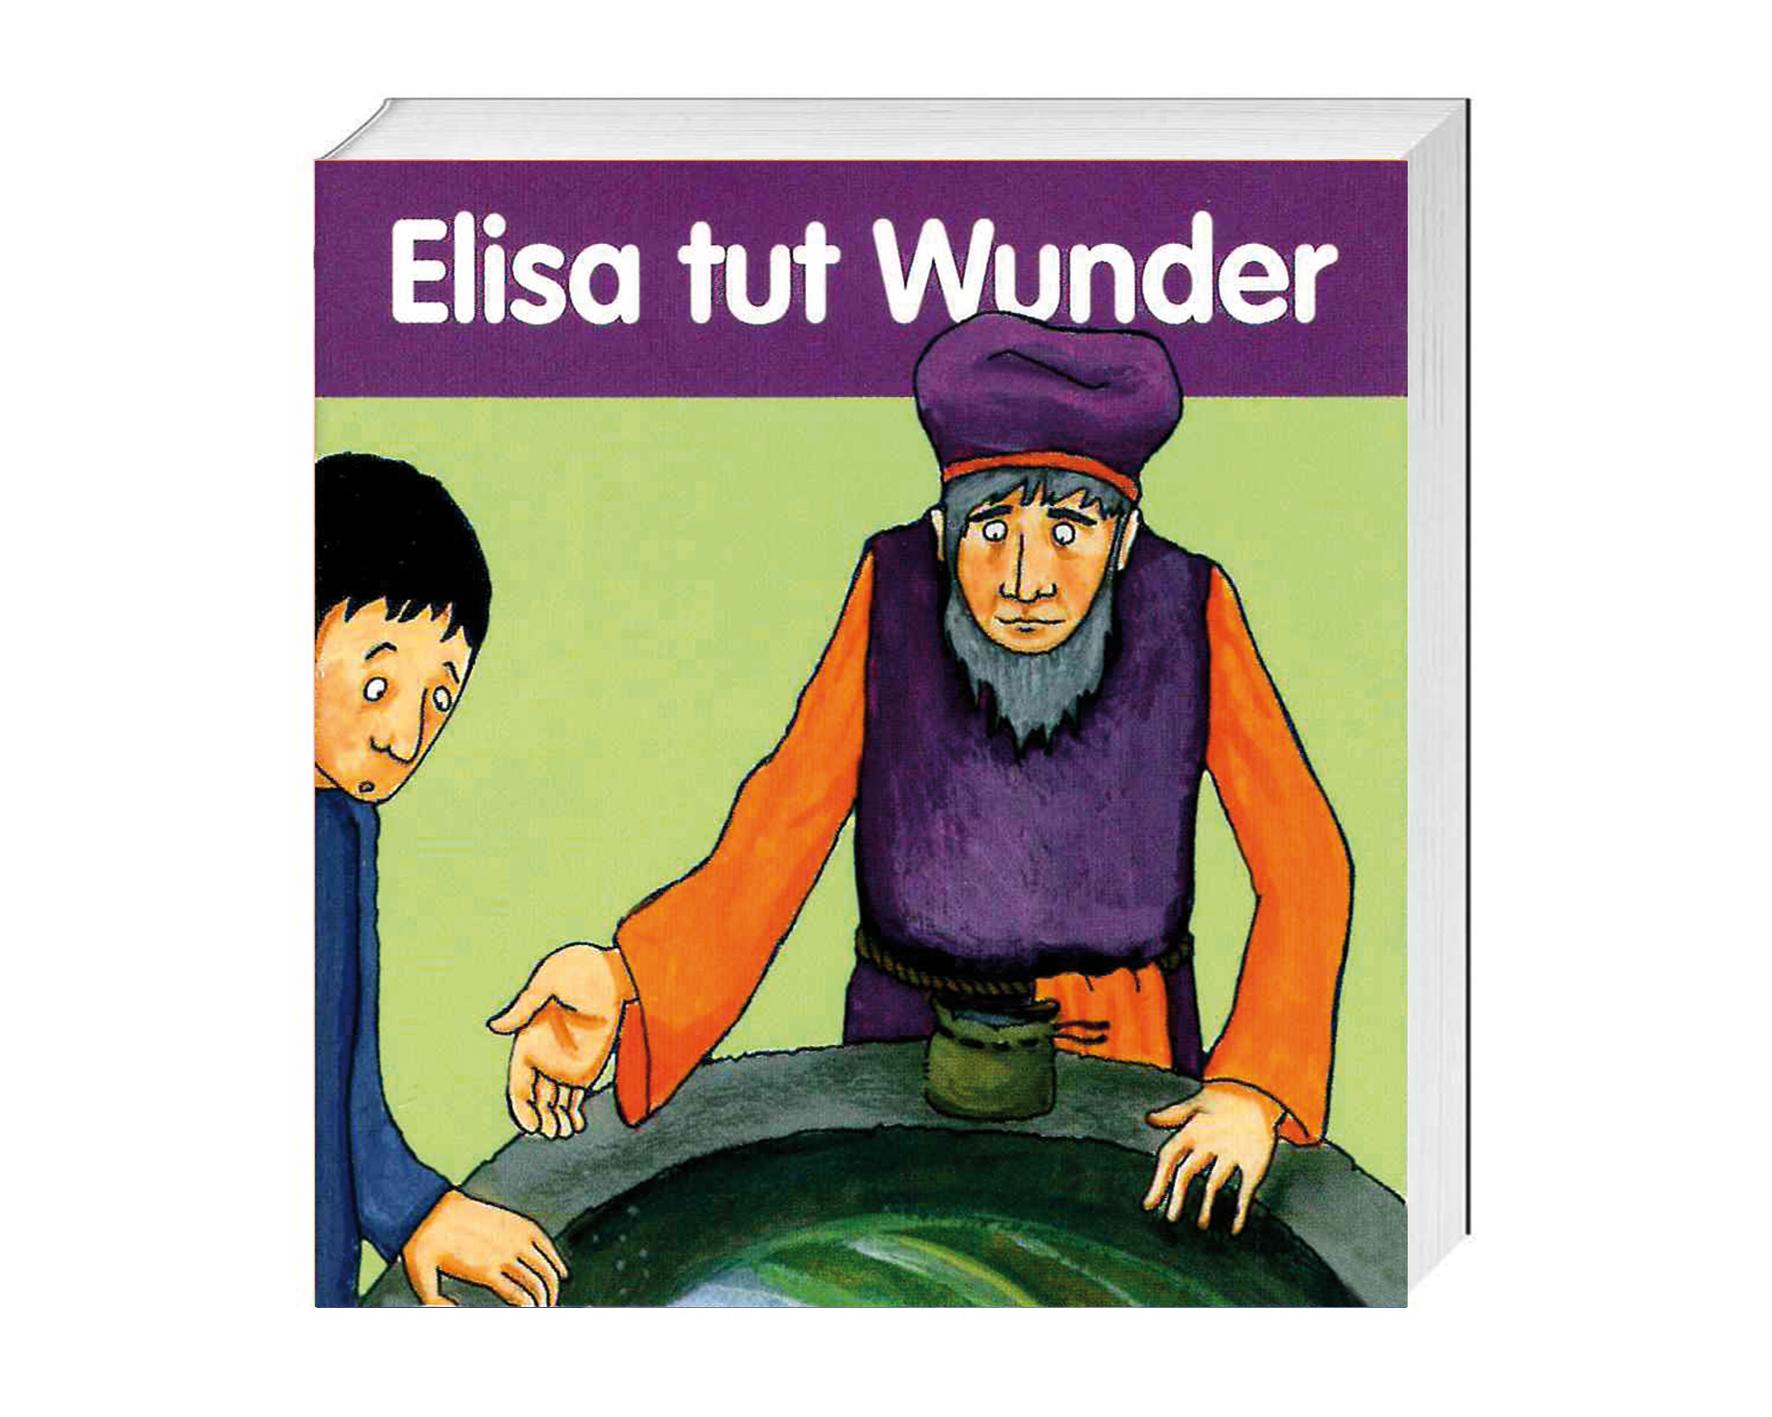 Elisa tut Wunder